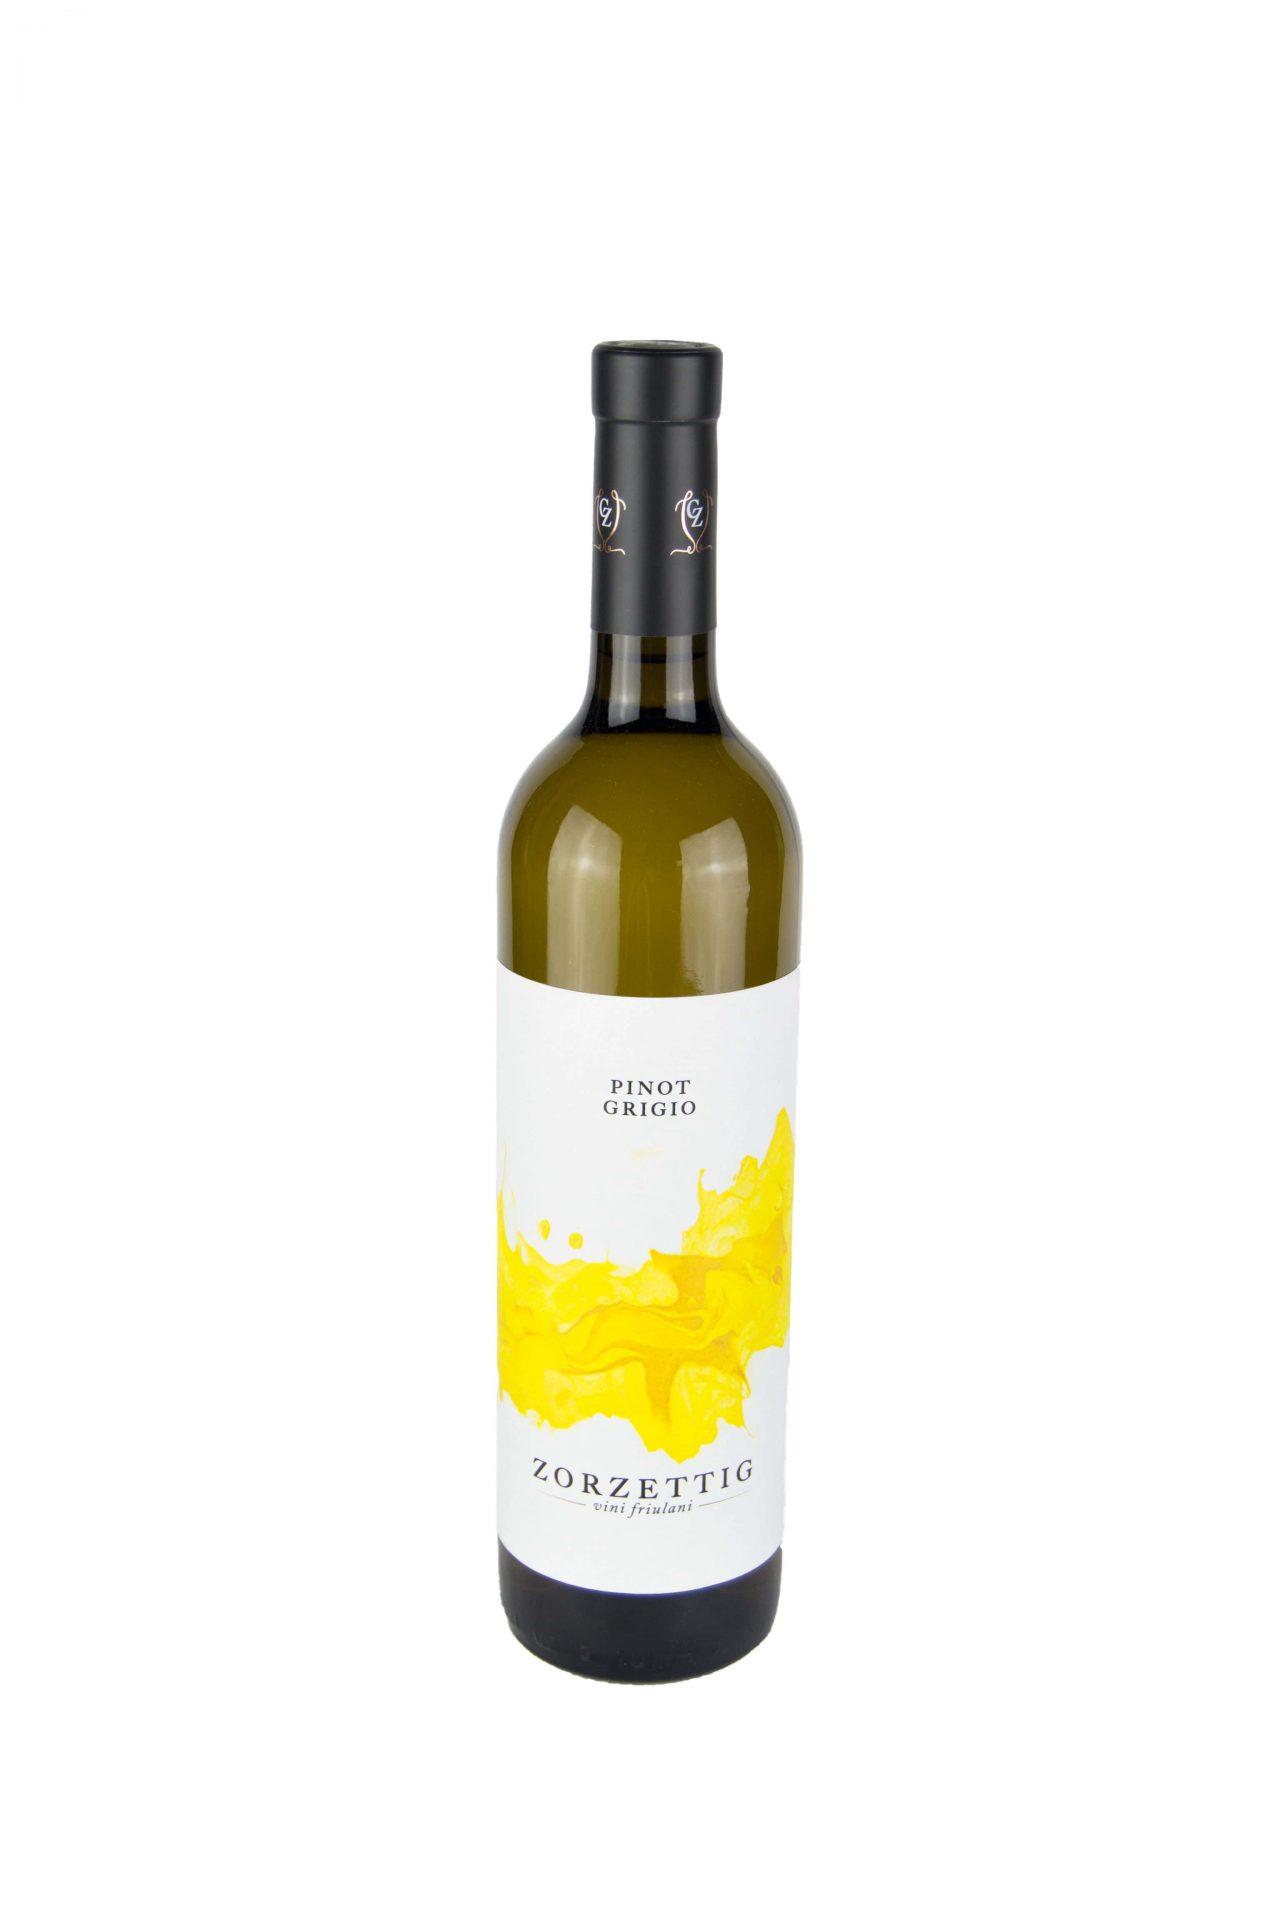 Zorzettig – Pinot Grigio